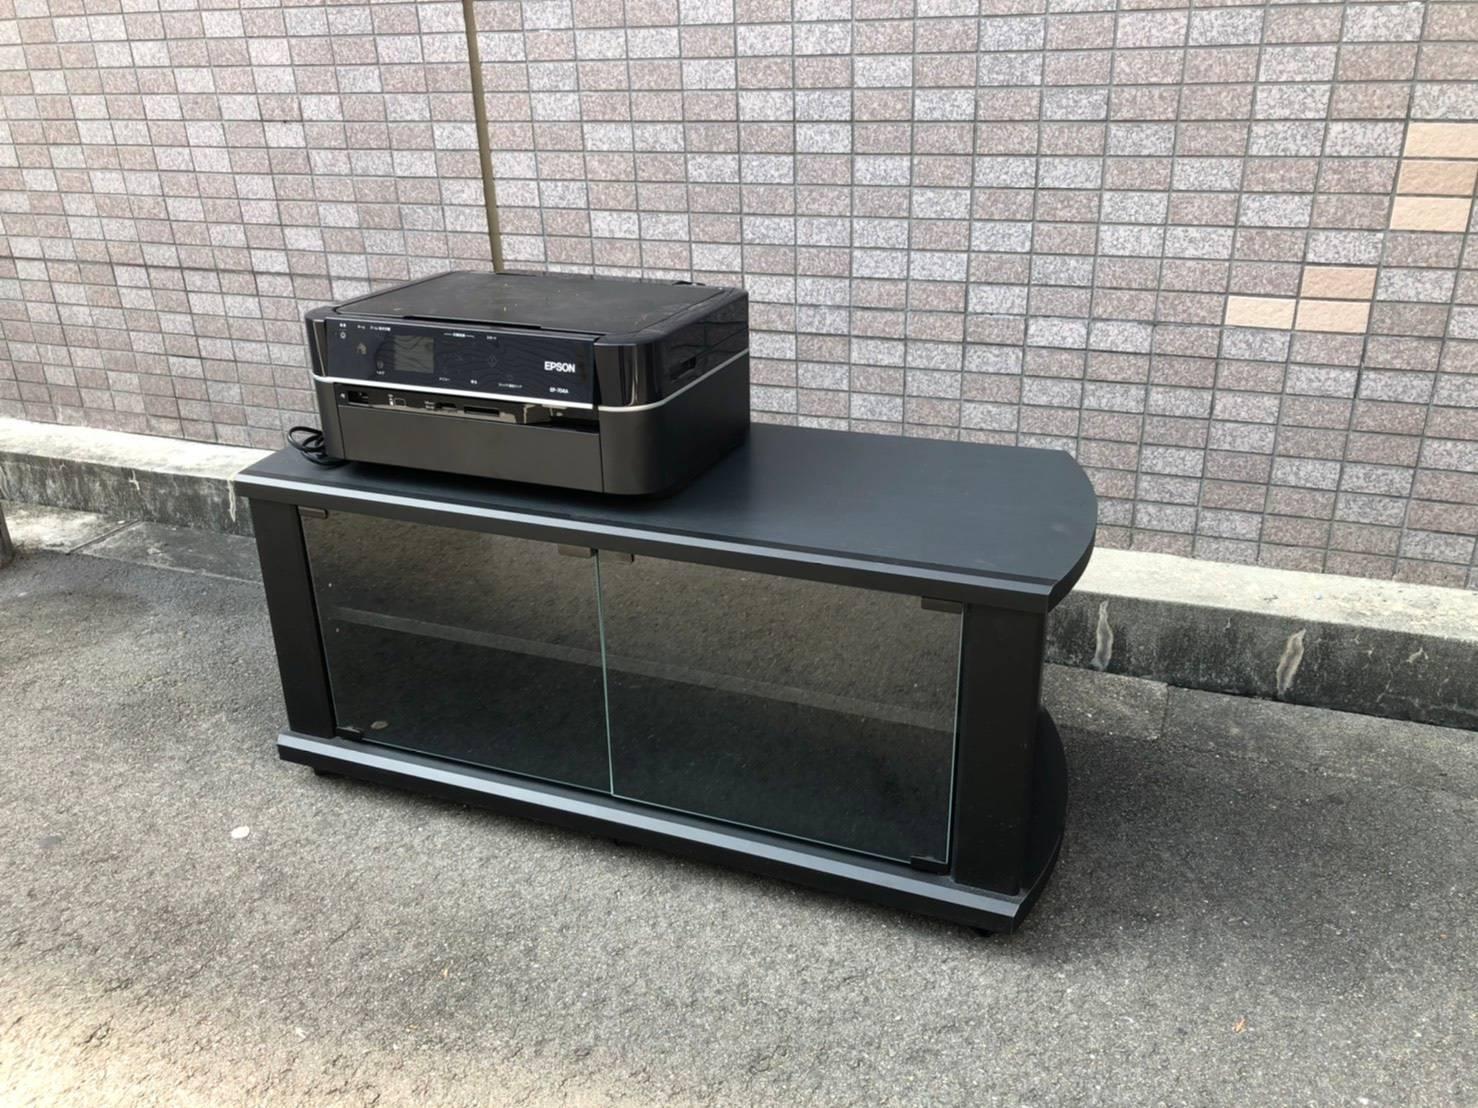 大阪府大阪市のテレビ台の回収前